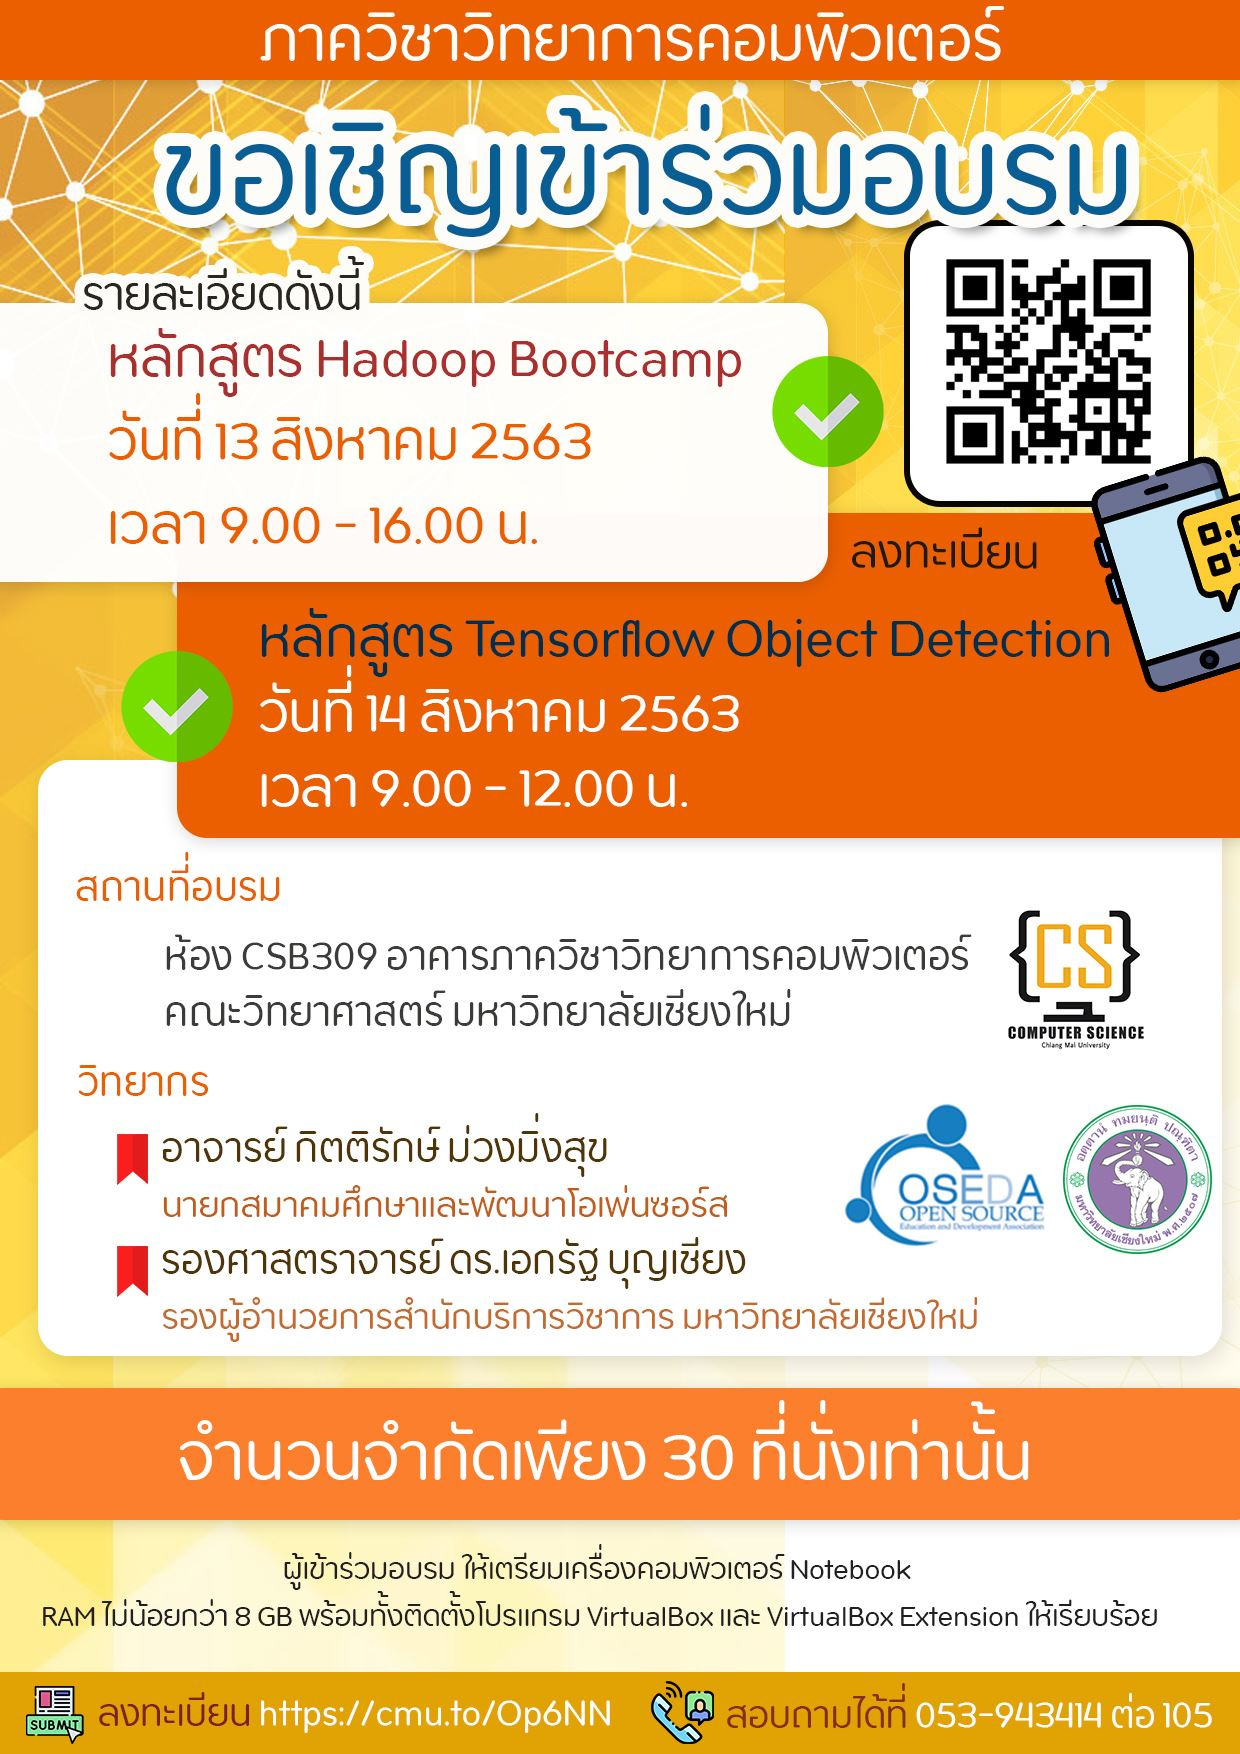 เชิญร่วมอบรมหลักสูตร Hadoop Bootcamp และ Tensorflow Object Detection